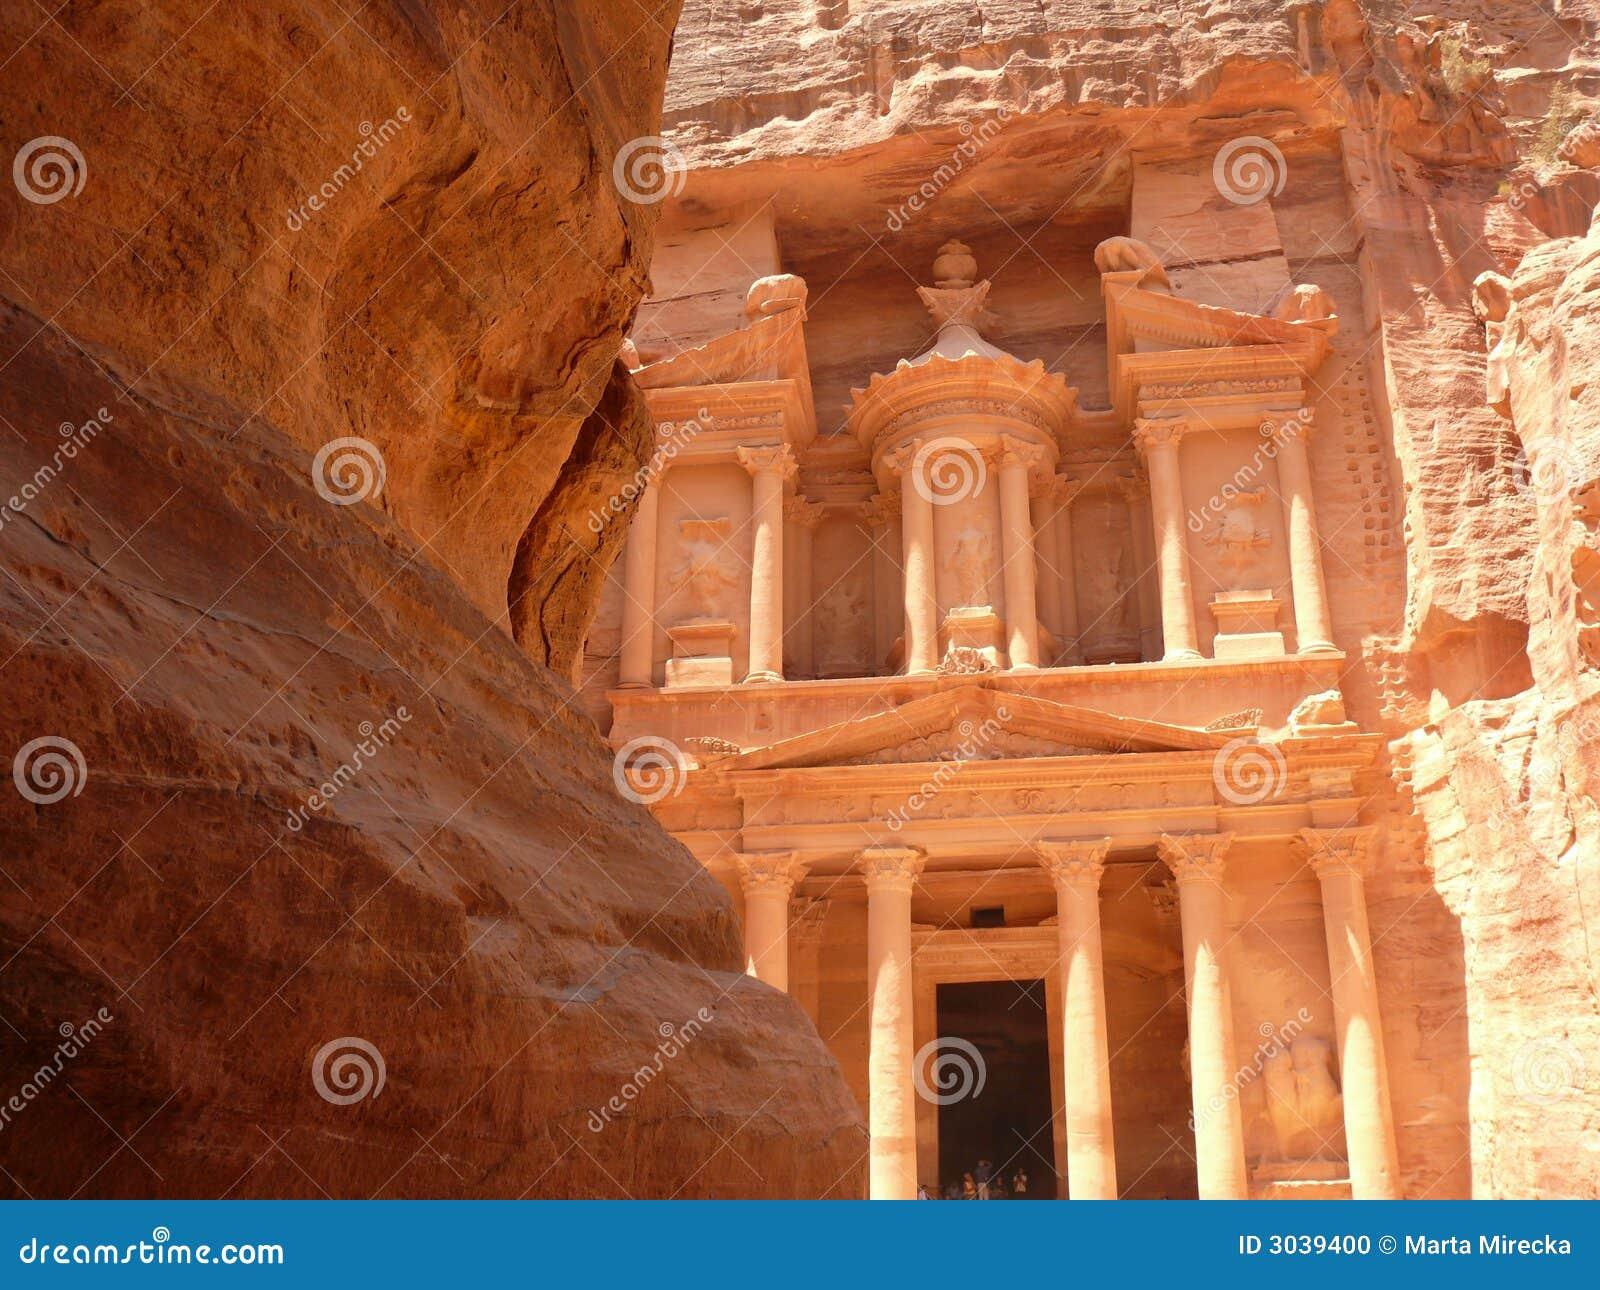 Hacienda, Siq, Petra, Jordania